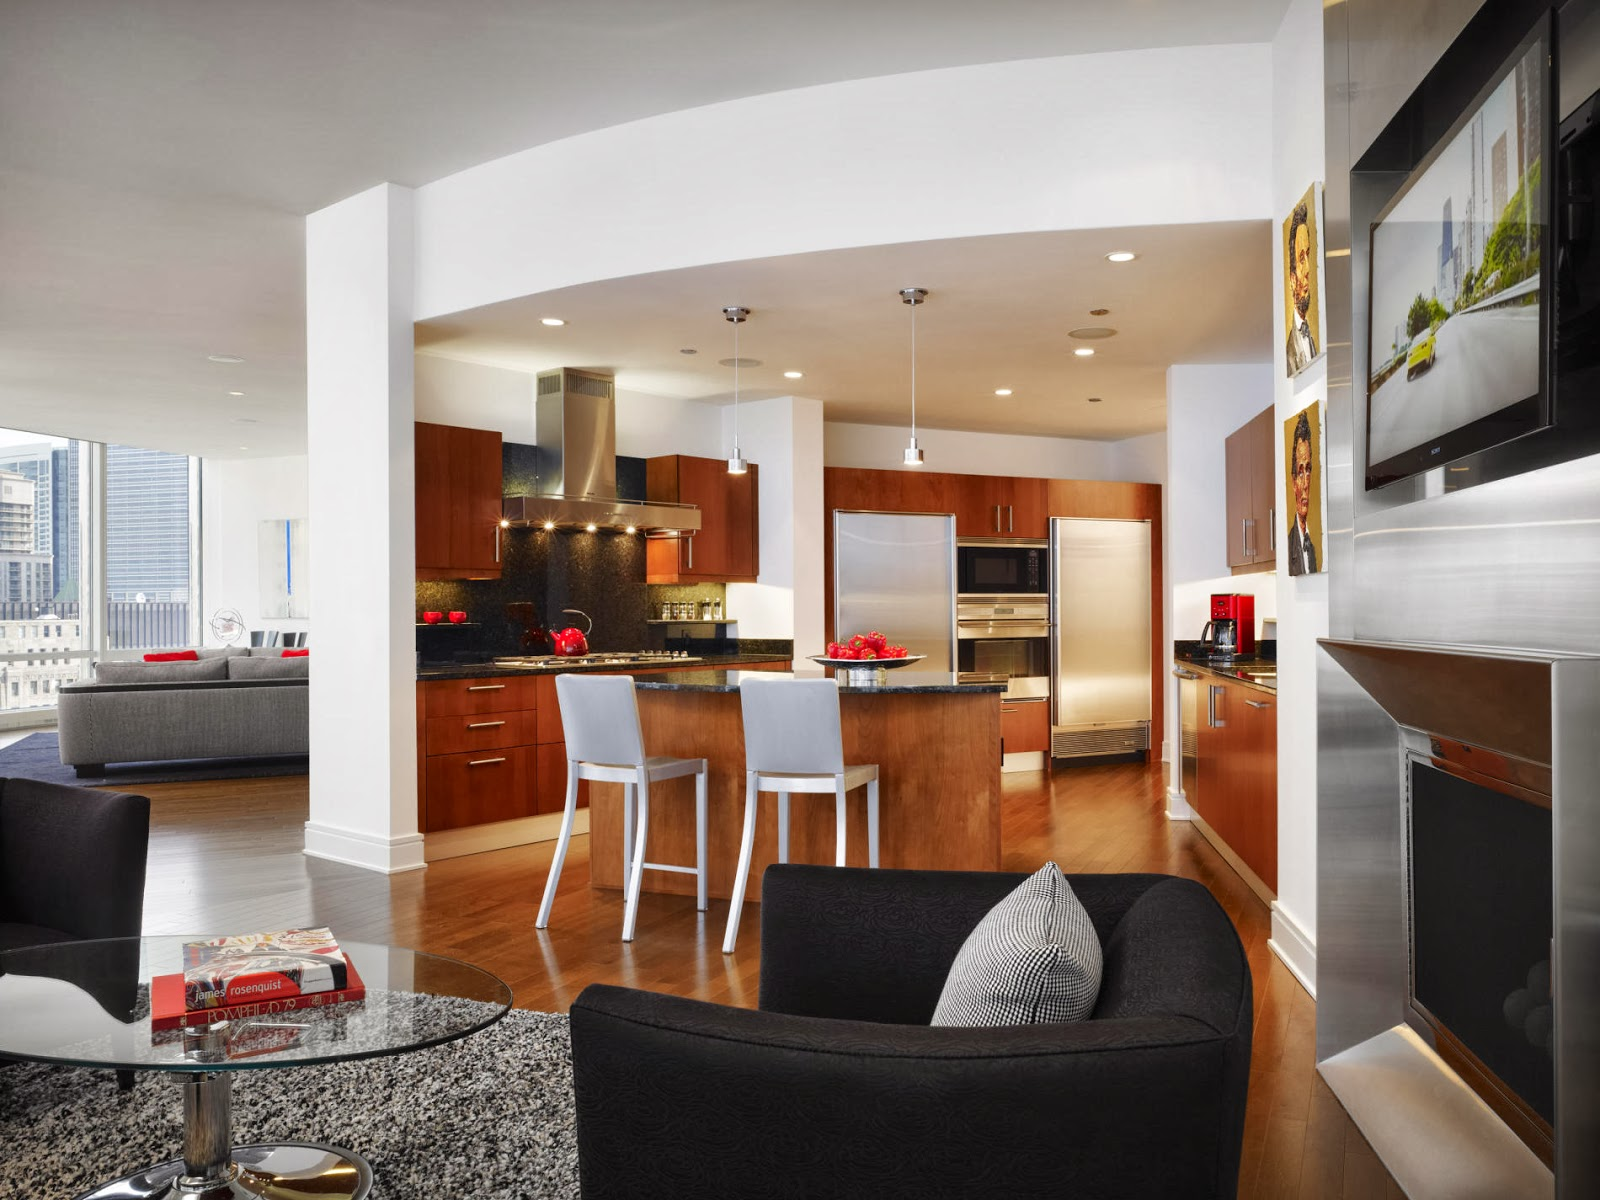 Contemporary Space Layout Design By John Robert Wiltgen Design